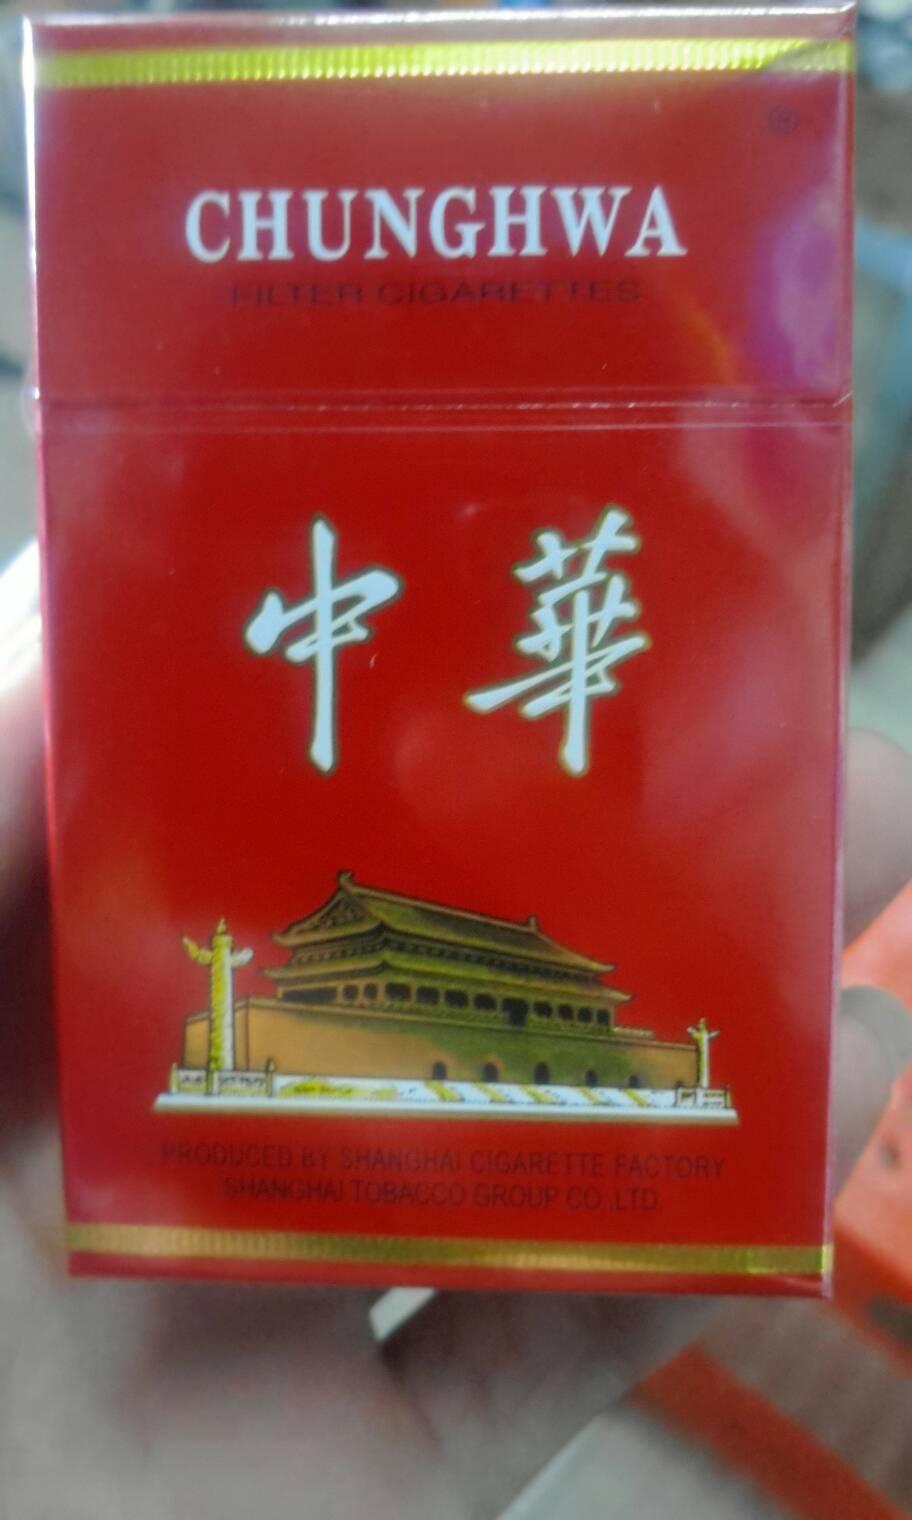 中华1951多少钱一包_这是不是出口中华, 多少钱一包 ?求鉴定